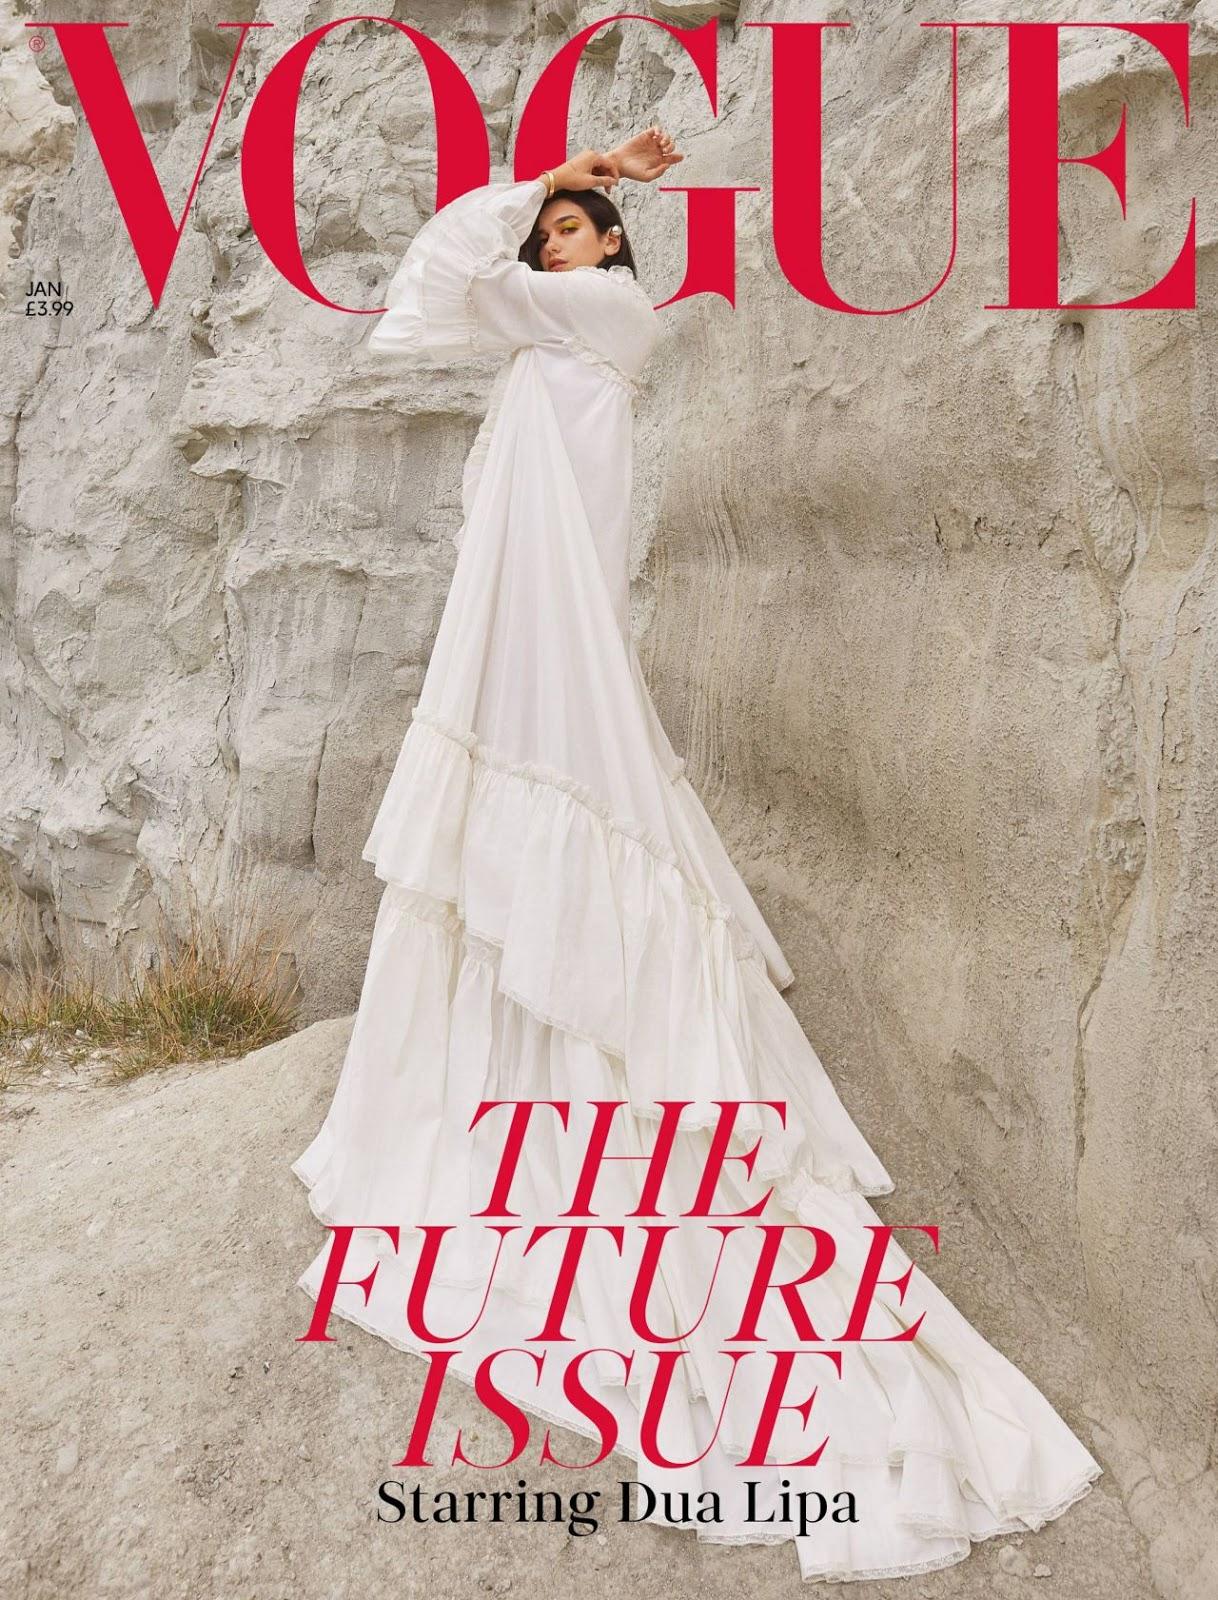 Dua Lipa – Photoshoot for British Vogue 2019